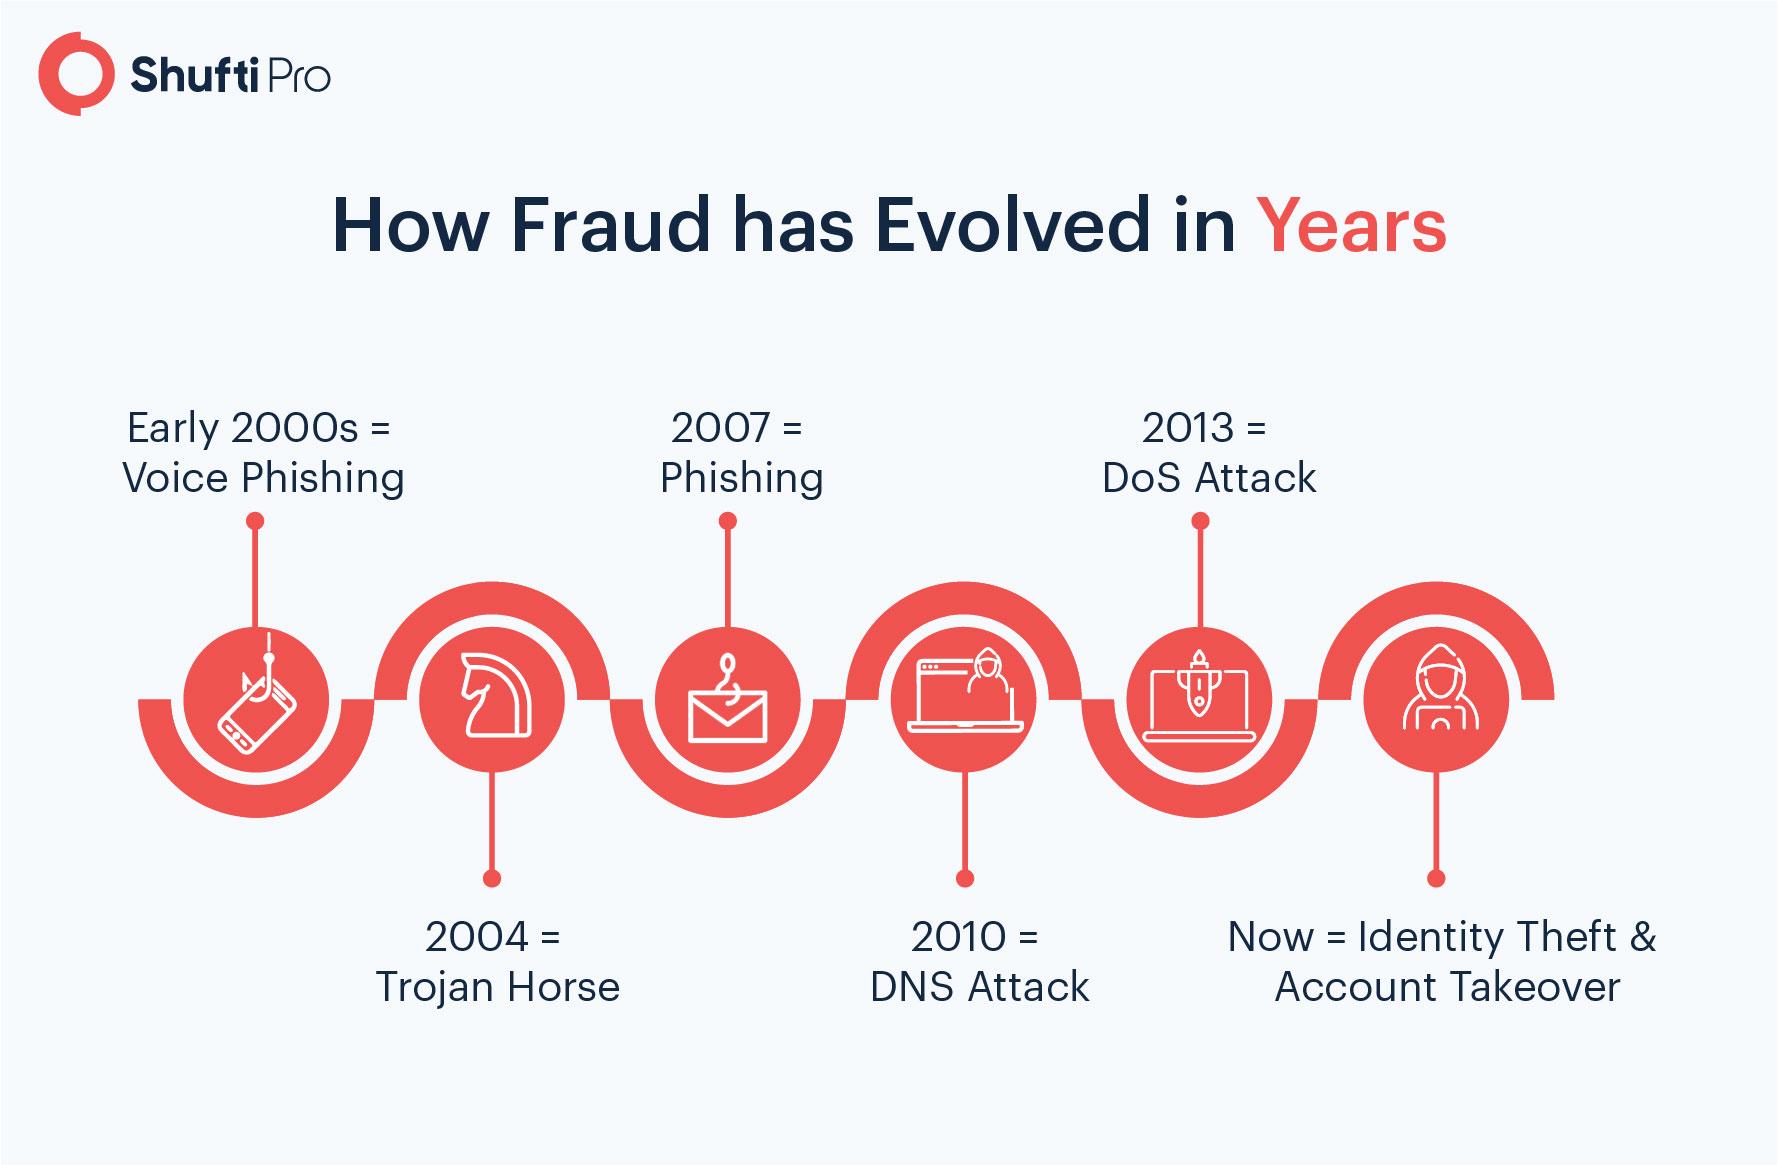 How Fraud